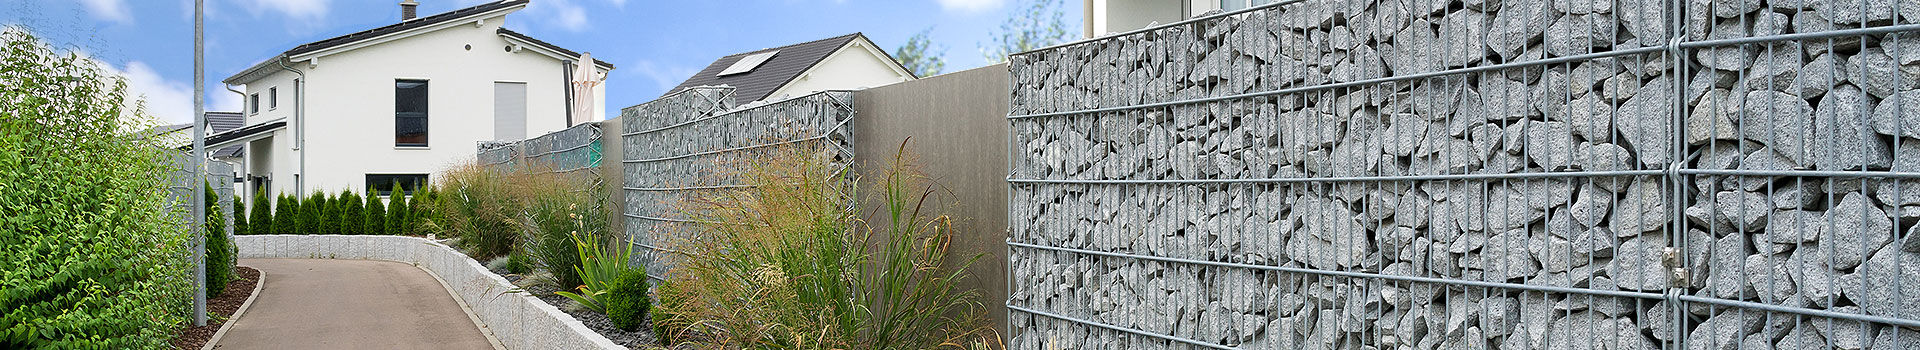 Mauern als Sicht-und Lärmschutz, Raumteiler